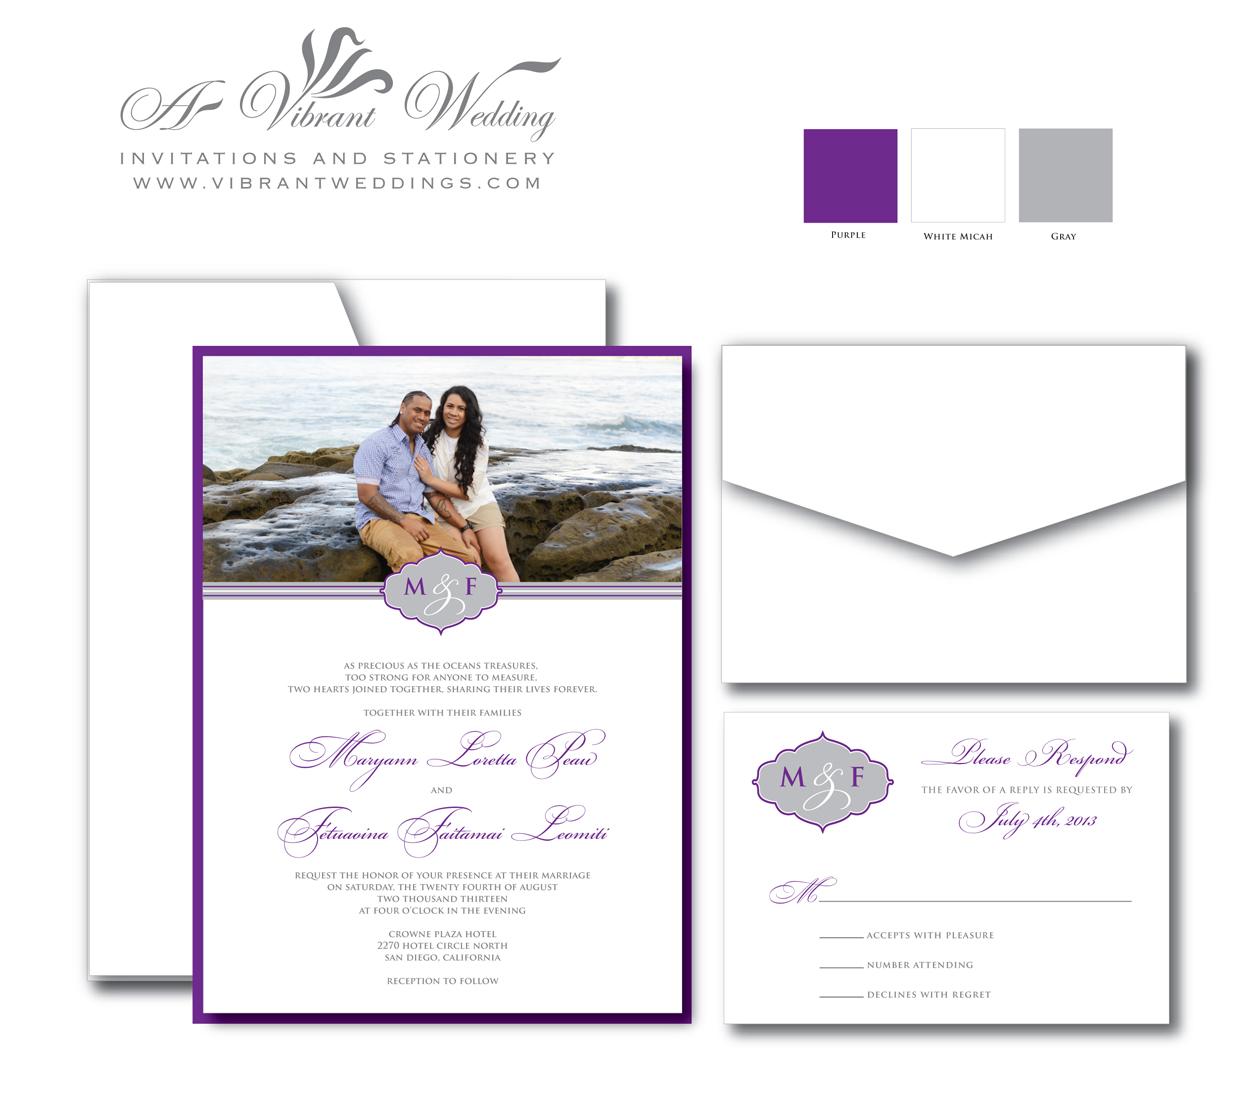 Contemporary Theme Designs A Vibrant Wedding